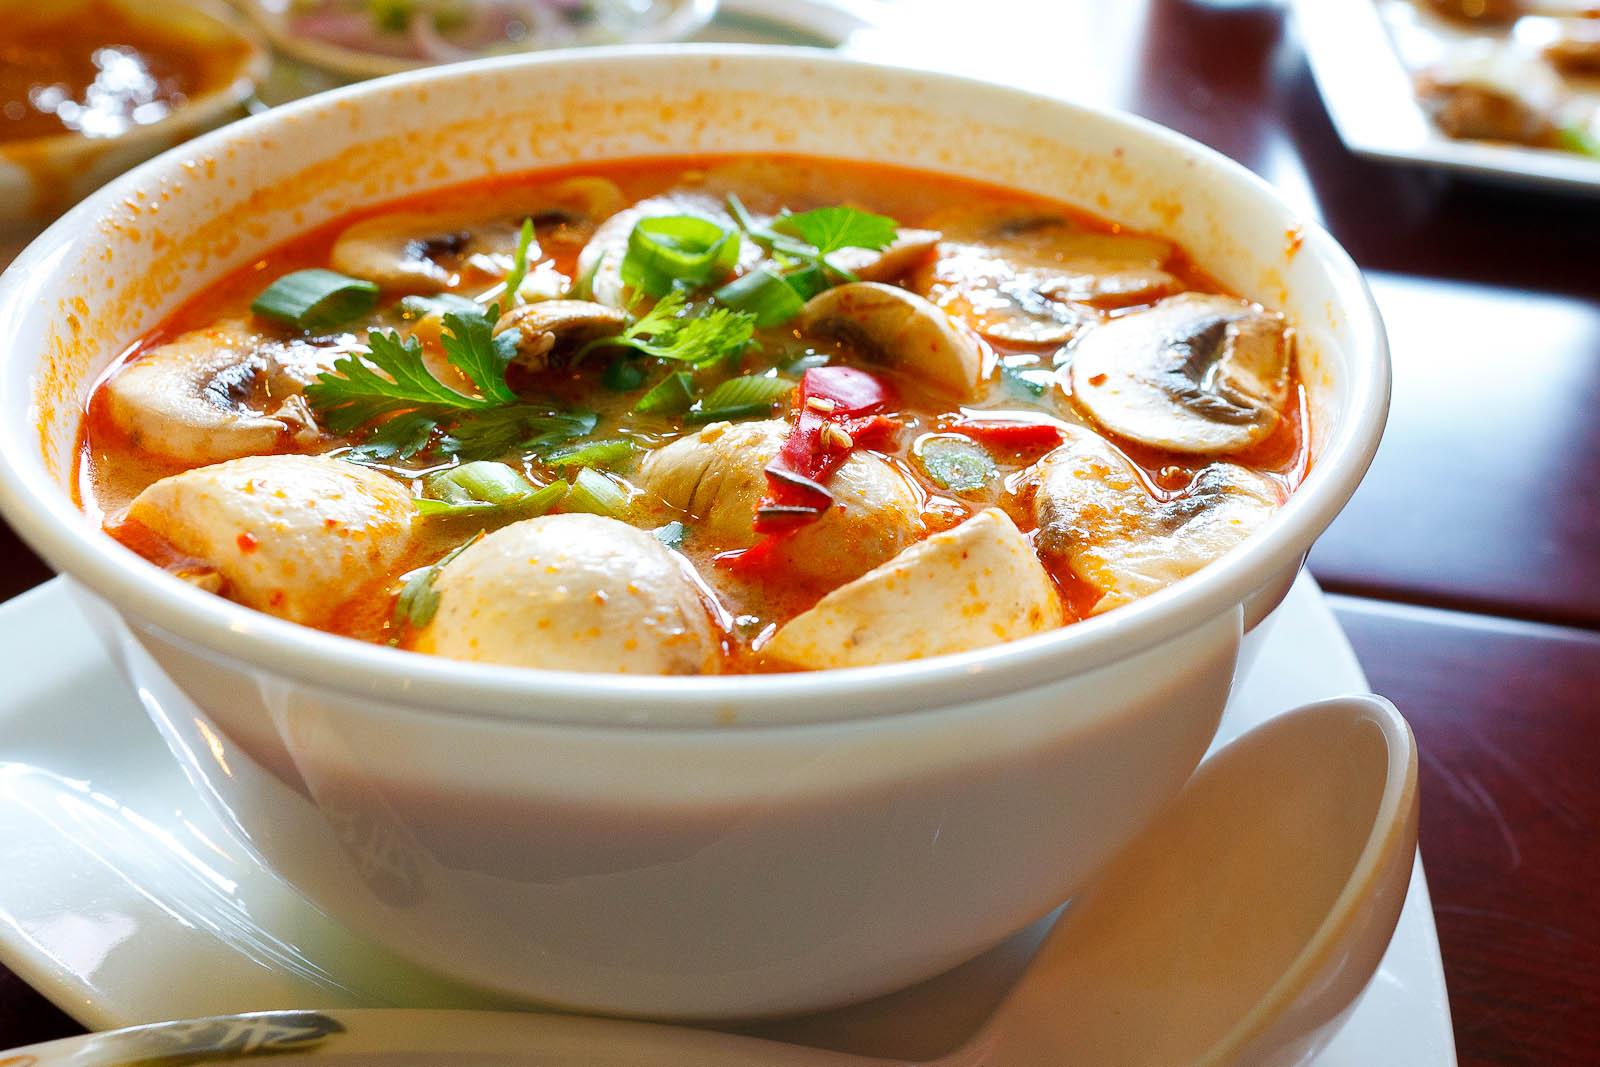 Tom-yum soup with mushroom ($10)